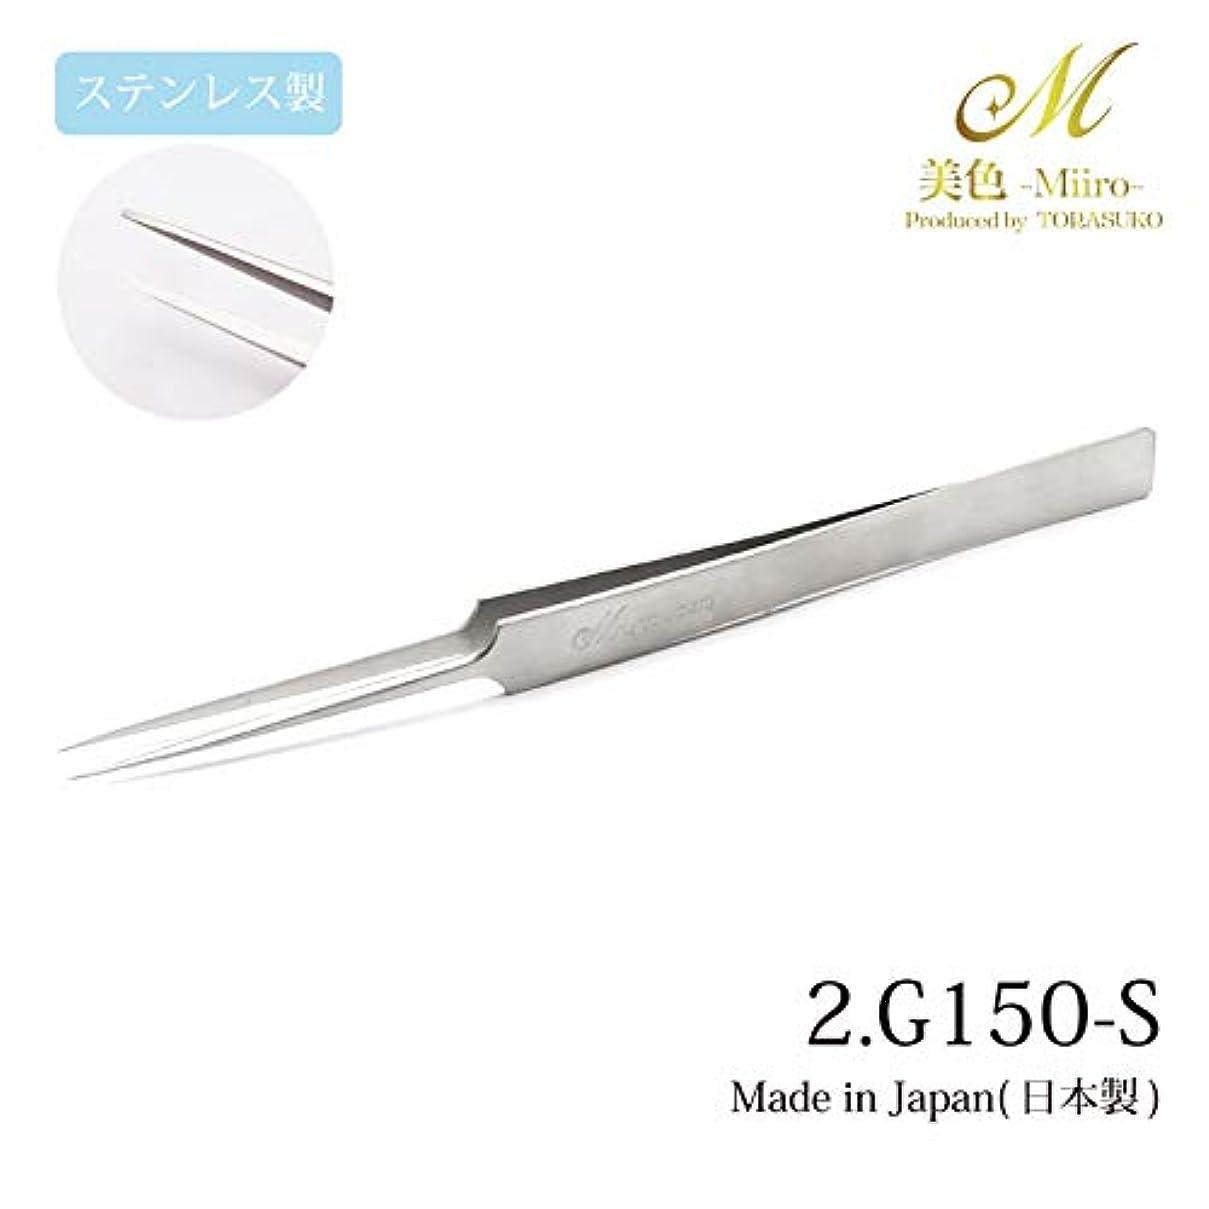 すごい粗いハミングバード日本製 ツイーザー 2.G150-S